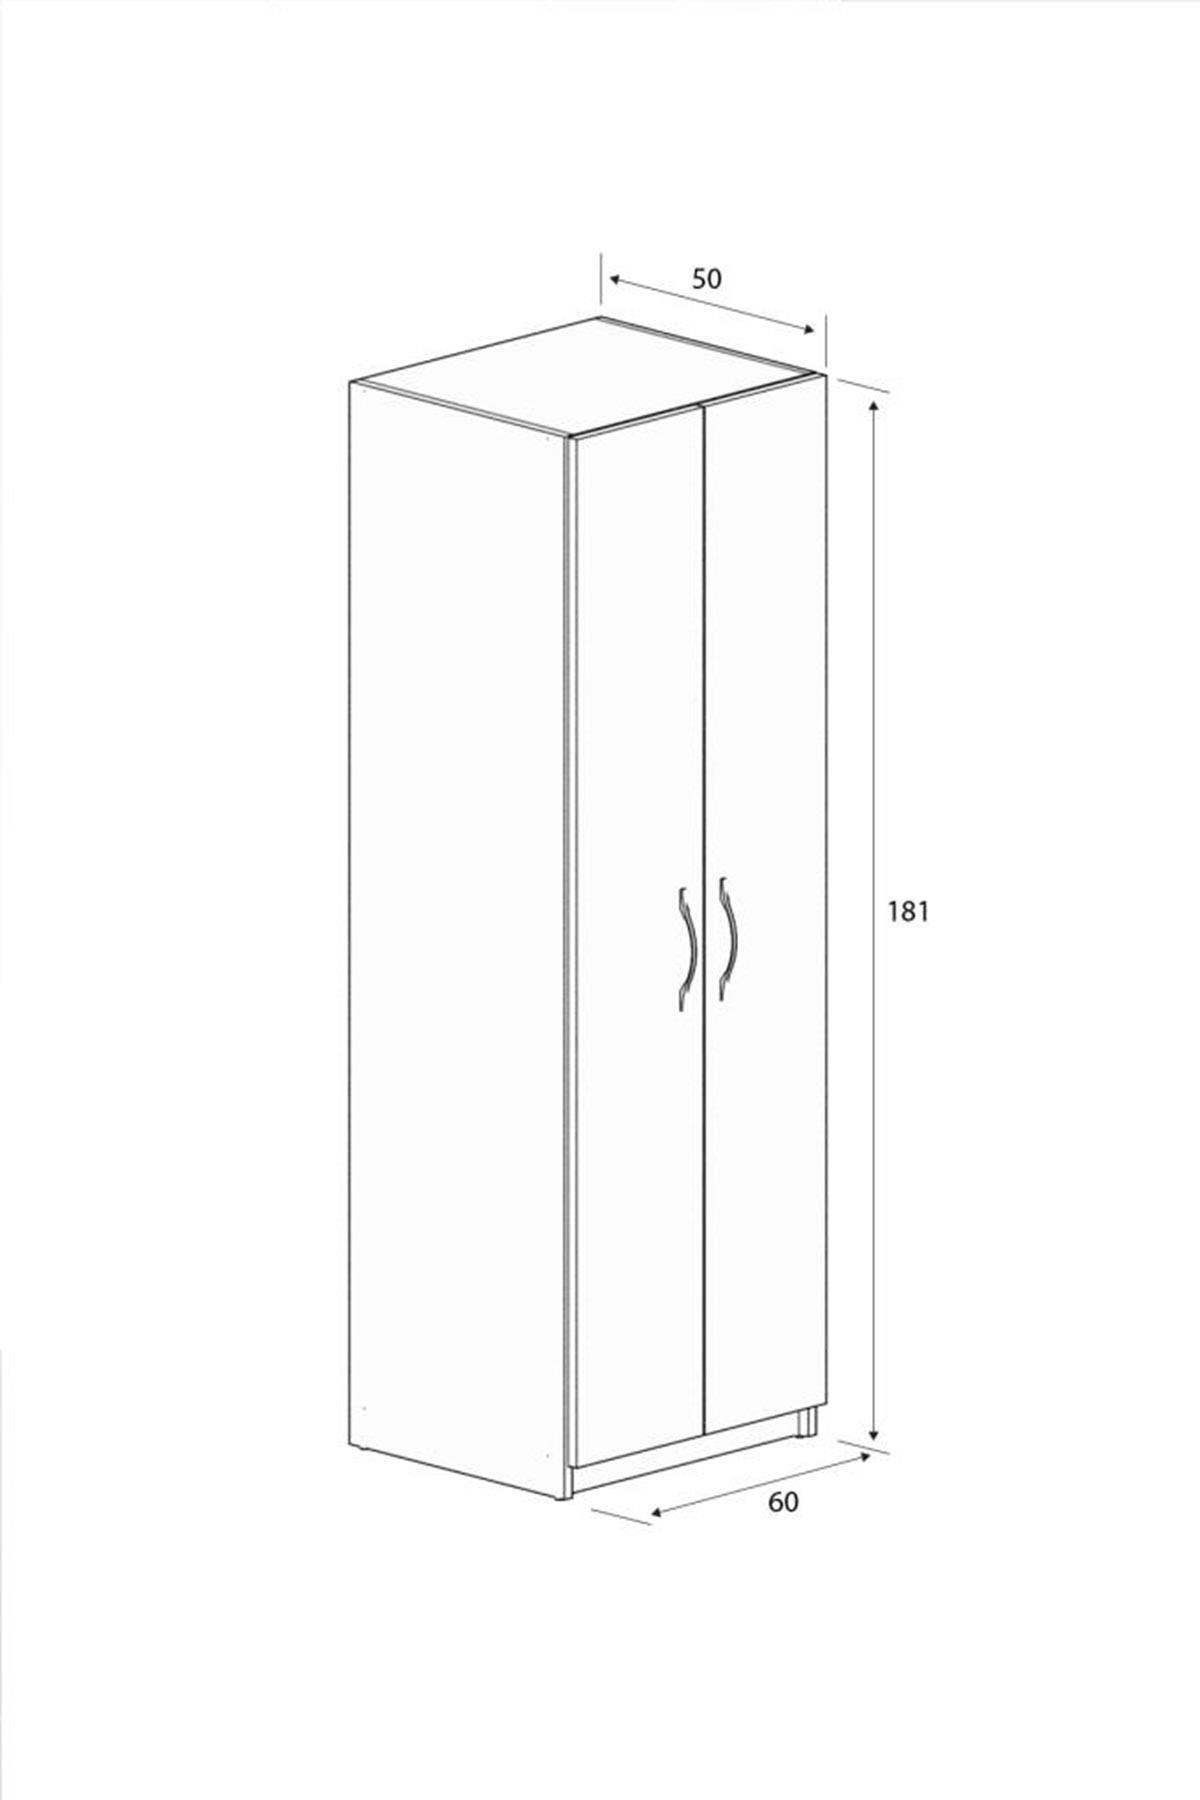 ארון 2 דלתות תליה ומדפים G2